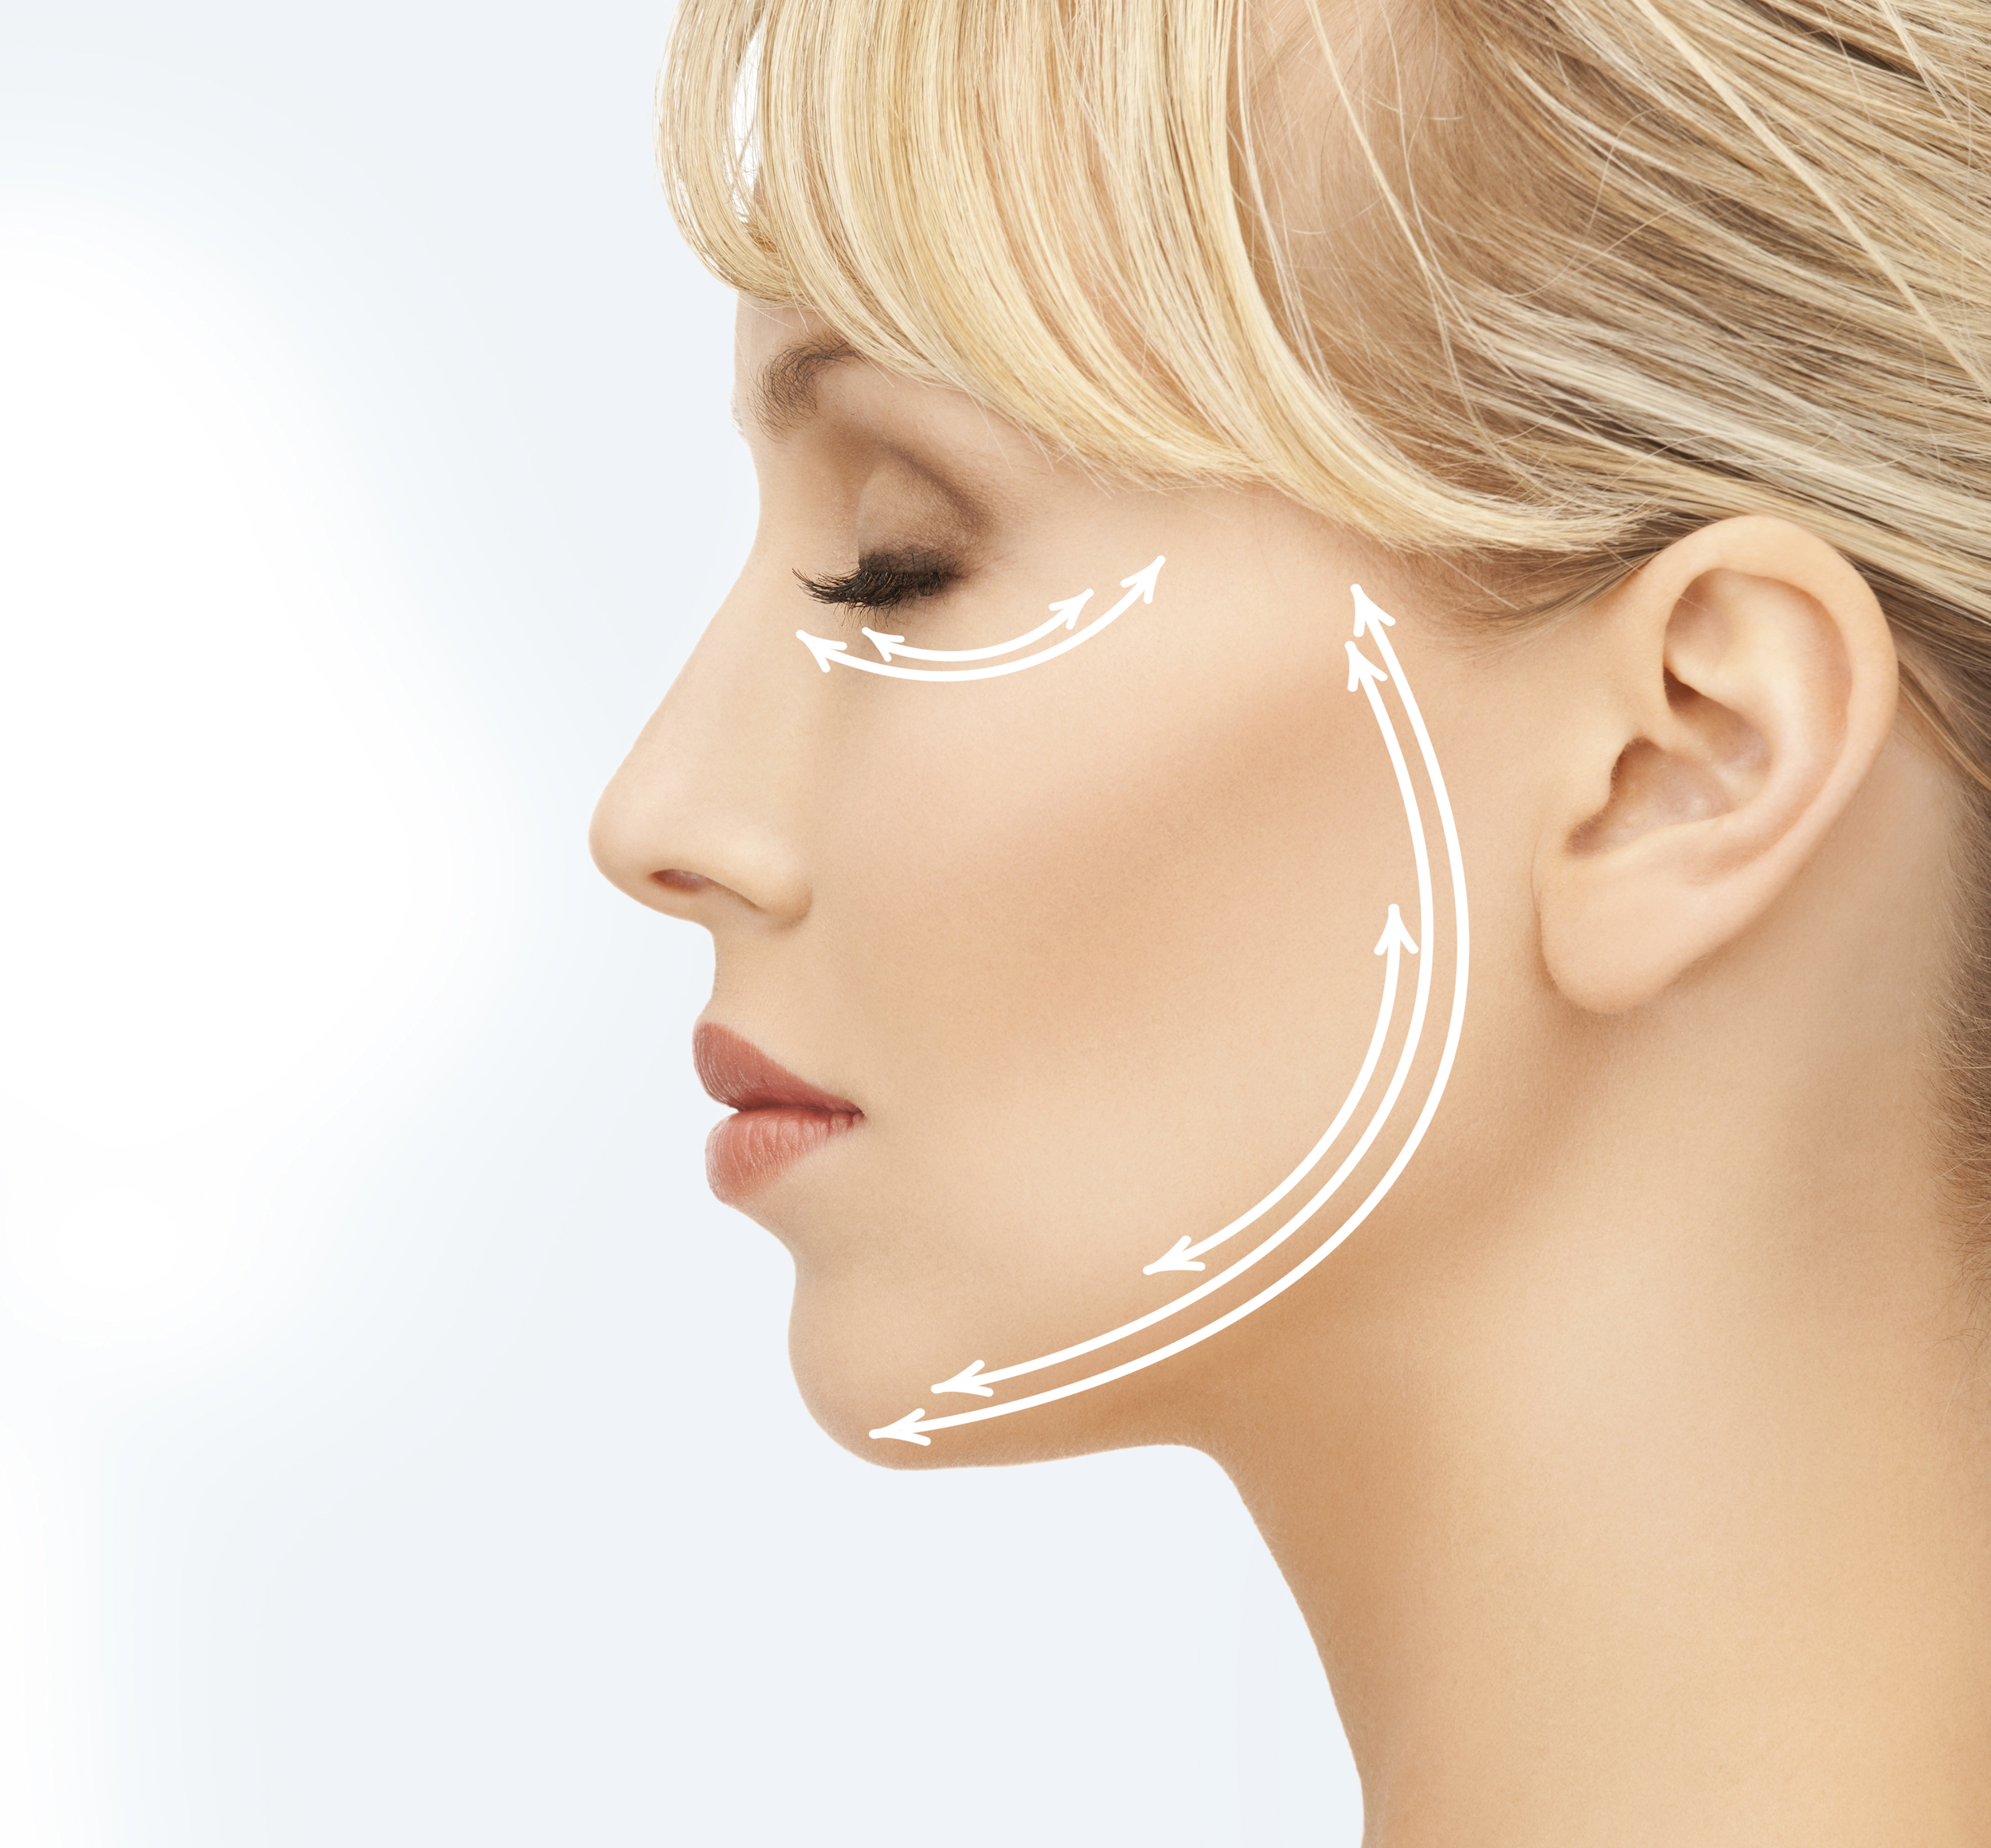 Kosmetologia sprzetowa w medycynie estetycznej - HIFU i laseroterapia